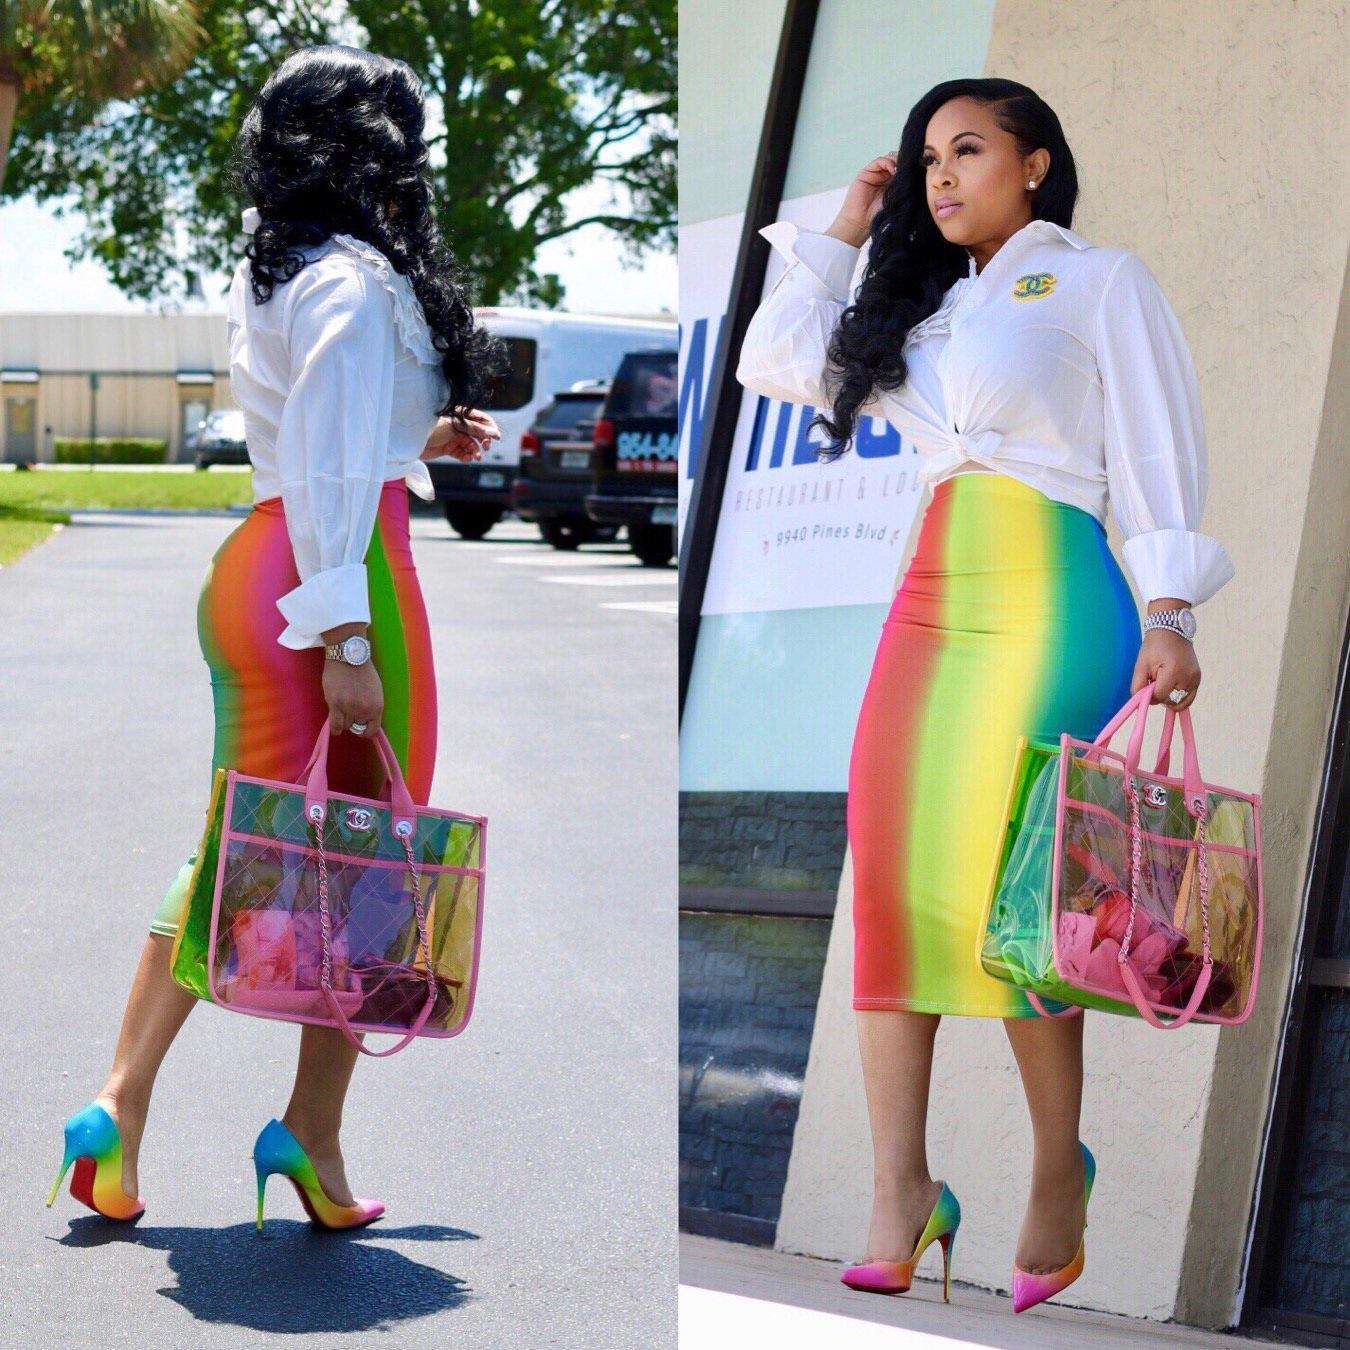 Одежда для женщин Мода Радуга Напечатанная Юбка одноступенчатая OL HIP-Cavy Maxi Длина Взрослые Юбки Платья бесплатно Плюс Размер Без асимметричных